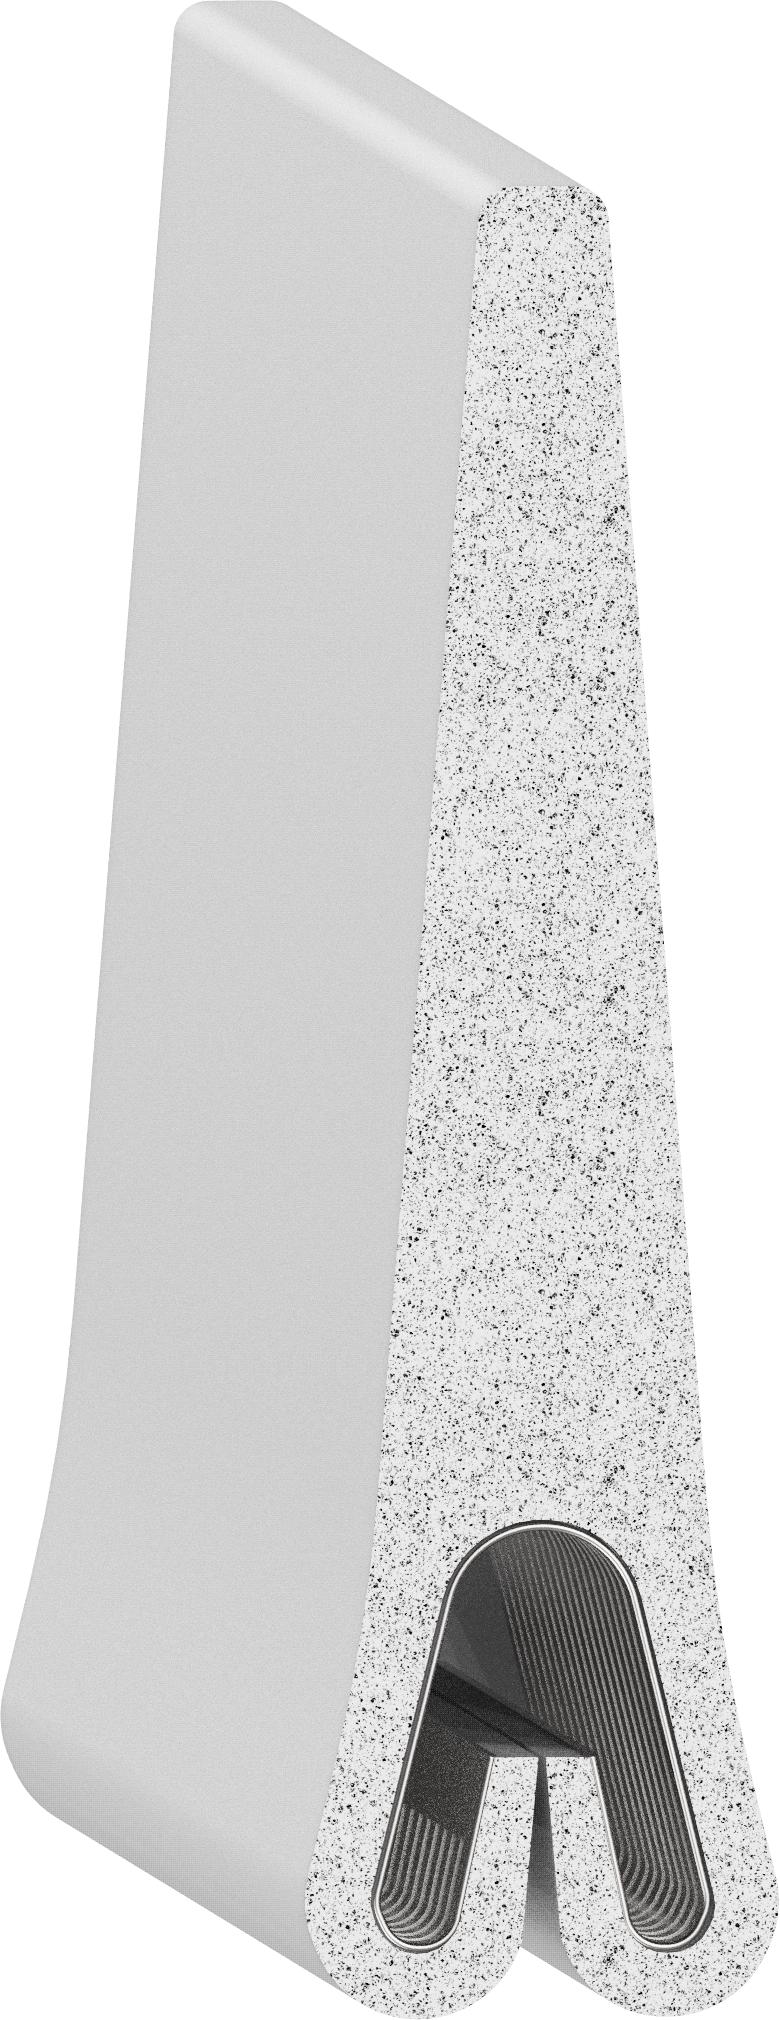 Uni-Grip part: ED-5349-W